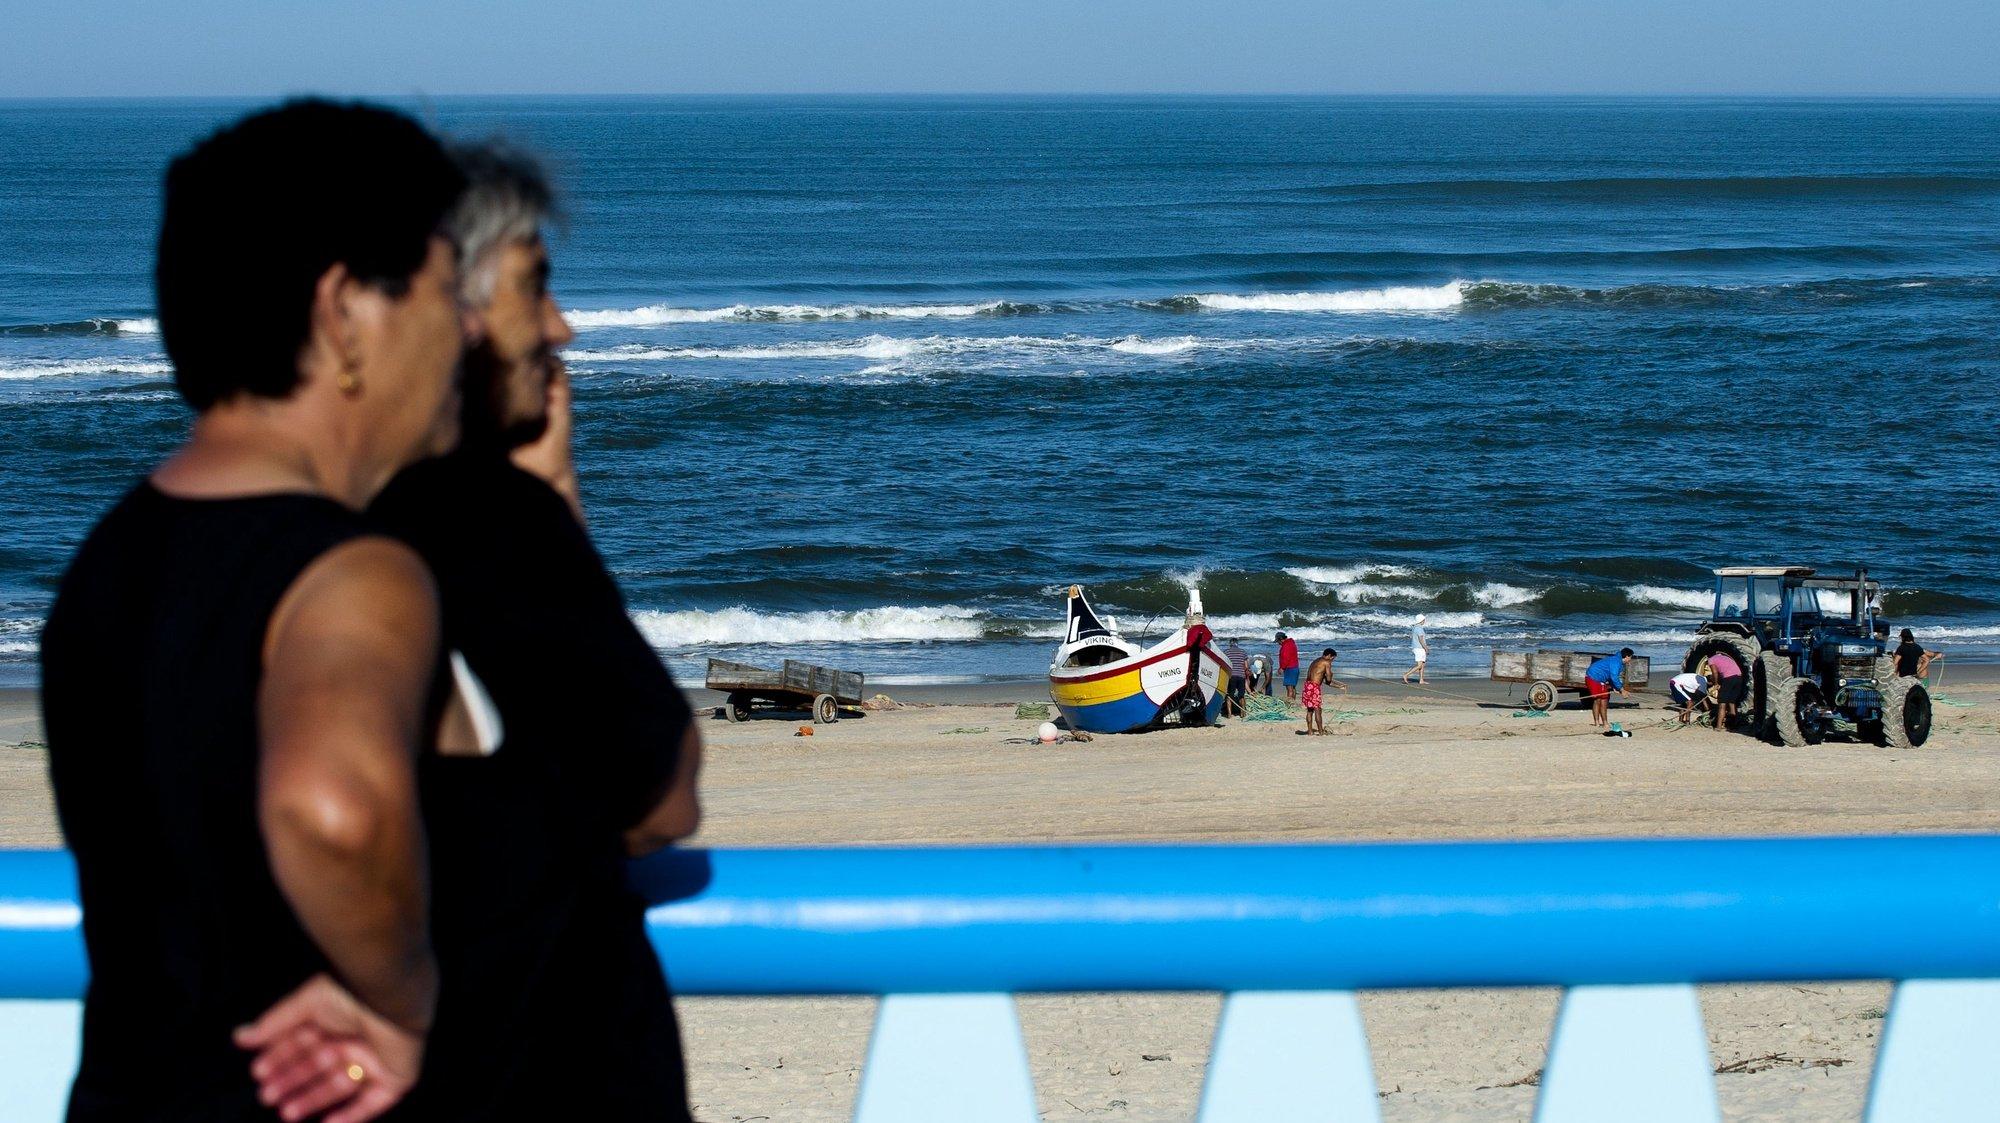 Naufrágio de cinco pescadores de arte xávega na praia da Vieira no concelho da Marinha Grande. Pescadores foram salvos e voltaram para recolher o material do barco, 25 de outubro de 2014. RICARDO GRAÇA/LUSA